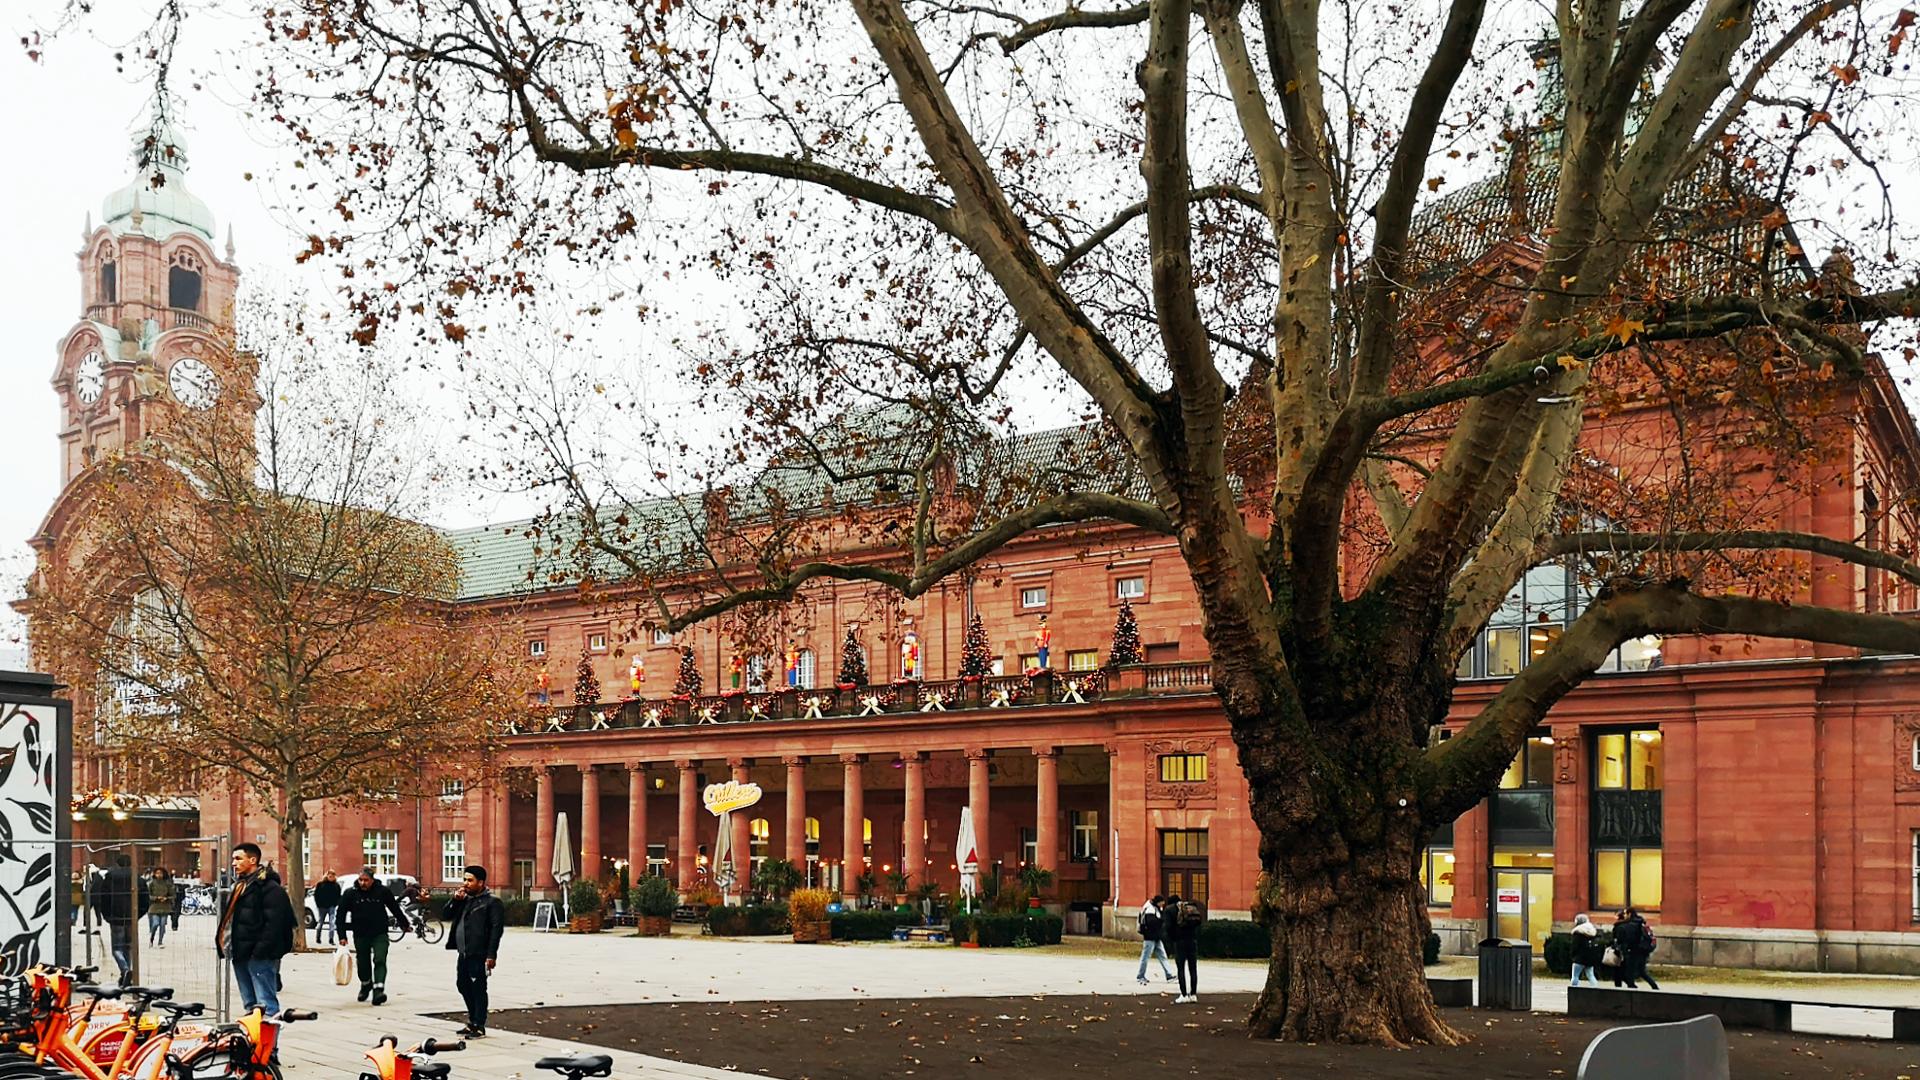 Ihr Hauptbahnhof Wiesbaden im festlichen Gewand 11/2019